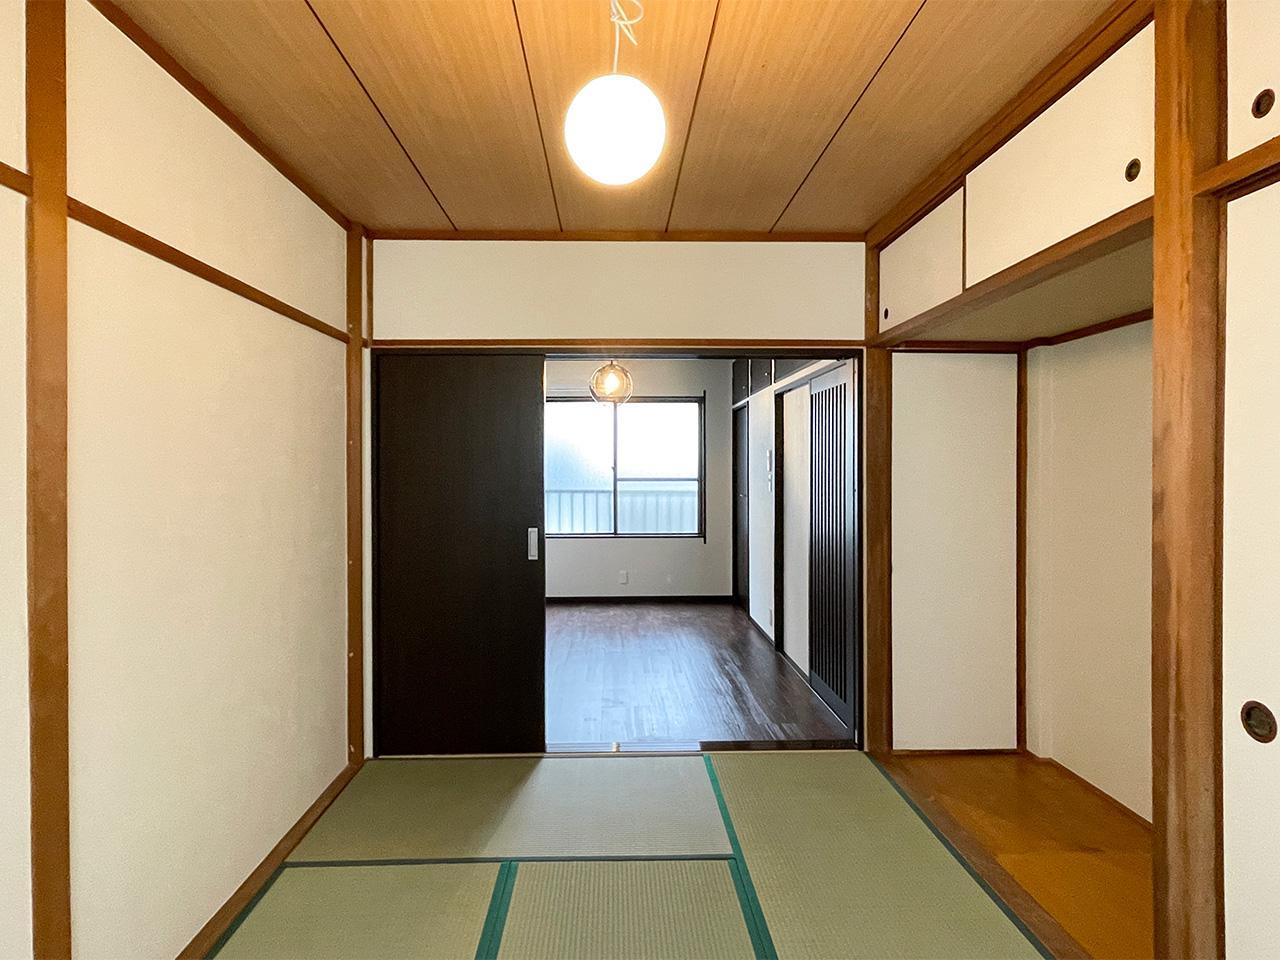 2階はリビングと寝室で使う感じでしょうか